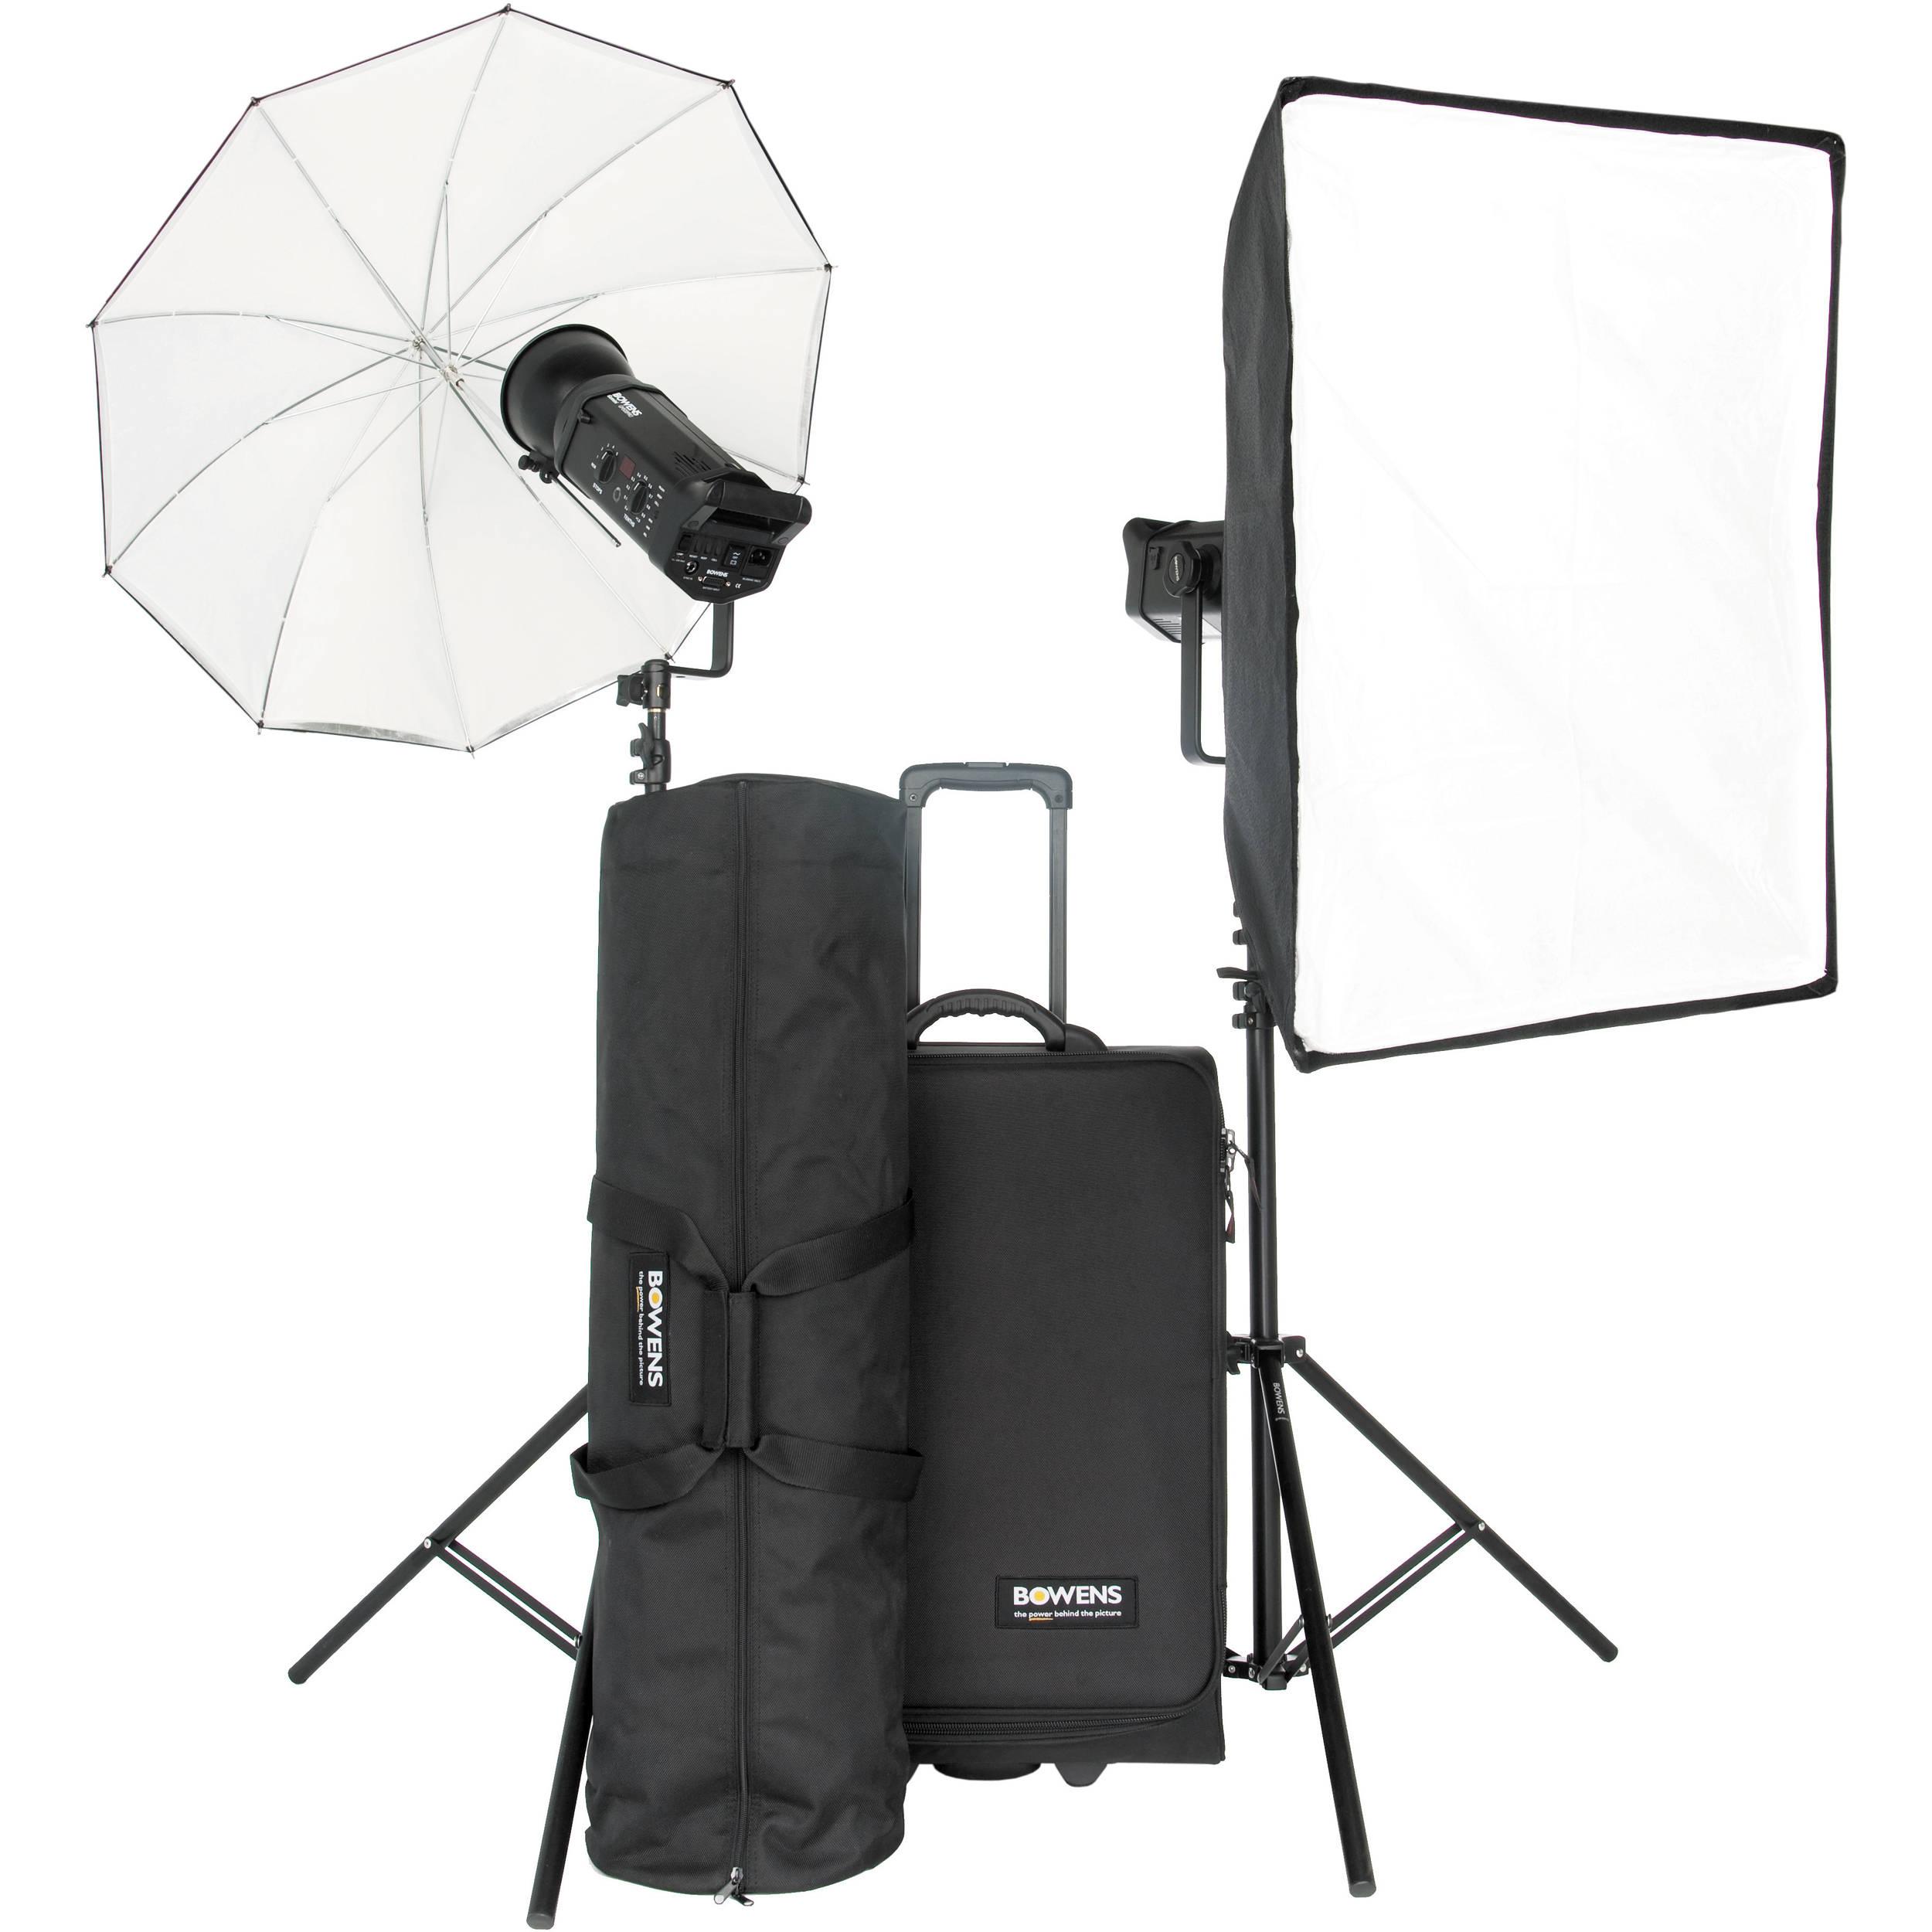 Bowens Esprit 500 Studio Lighting Kit: Bowens Gemini 500Pro 2-Light Kit BW-8610USP B&H Photo Video